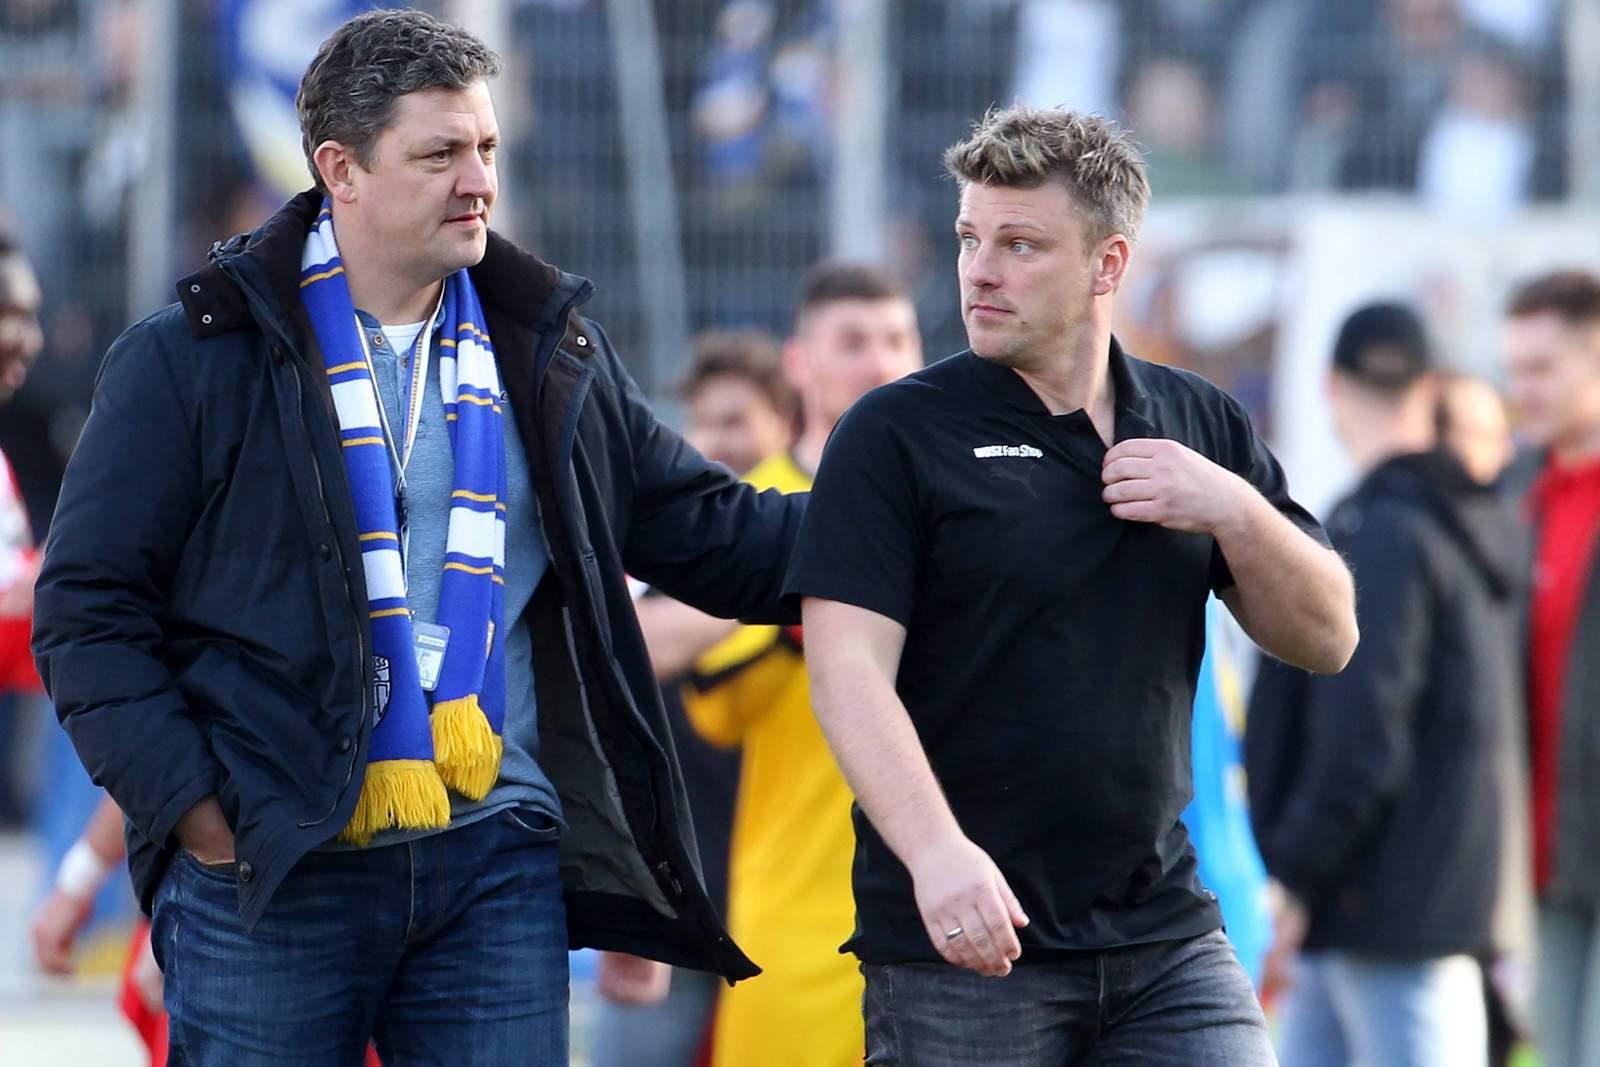 Chris Förster und Lukas Kwasniok vom FC Carl Zeiss Jena